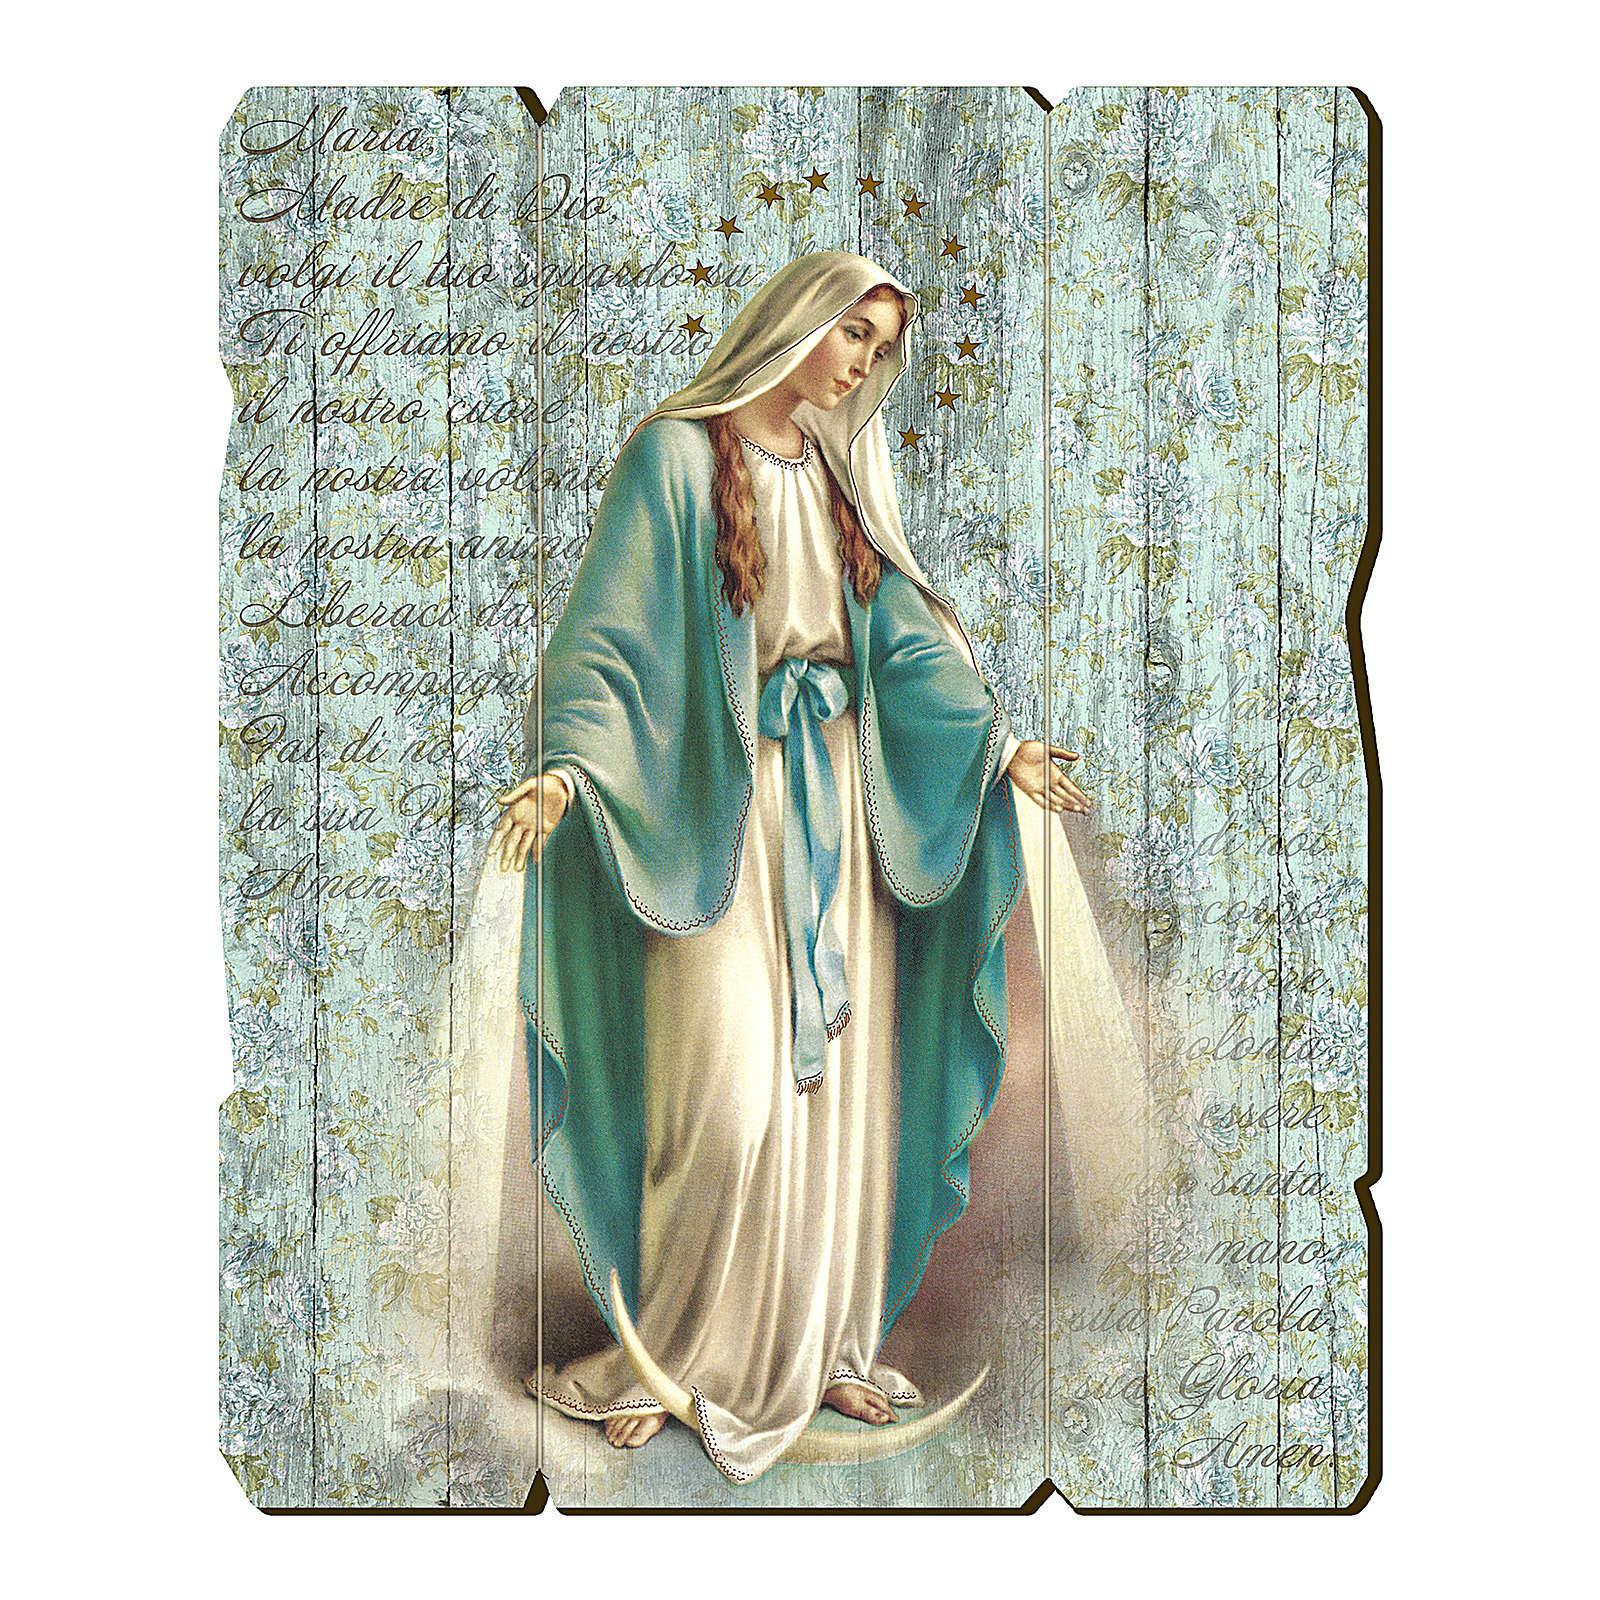 Cuadro de Madera Perfilada gancho parte posterior Virgen Milagrosa 35x30 3